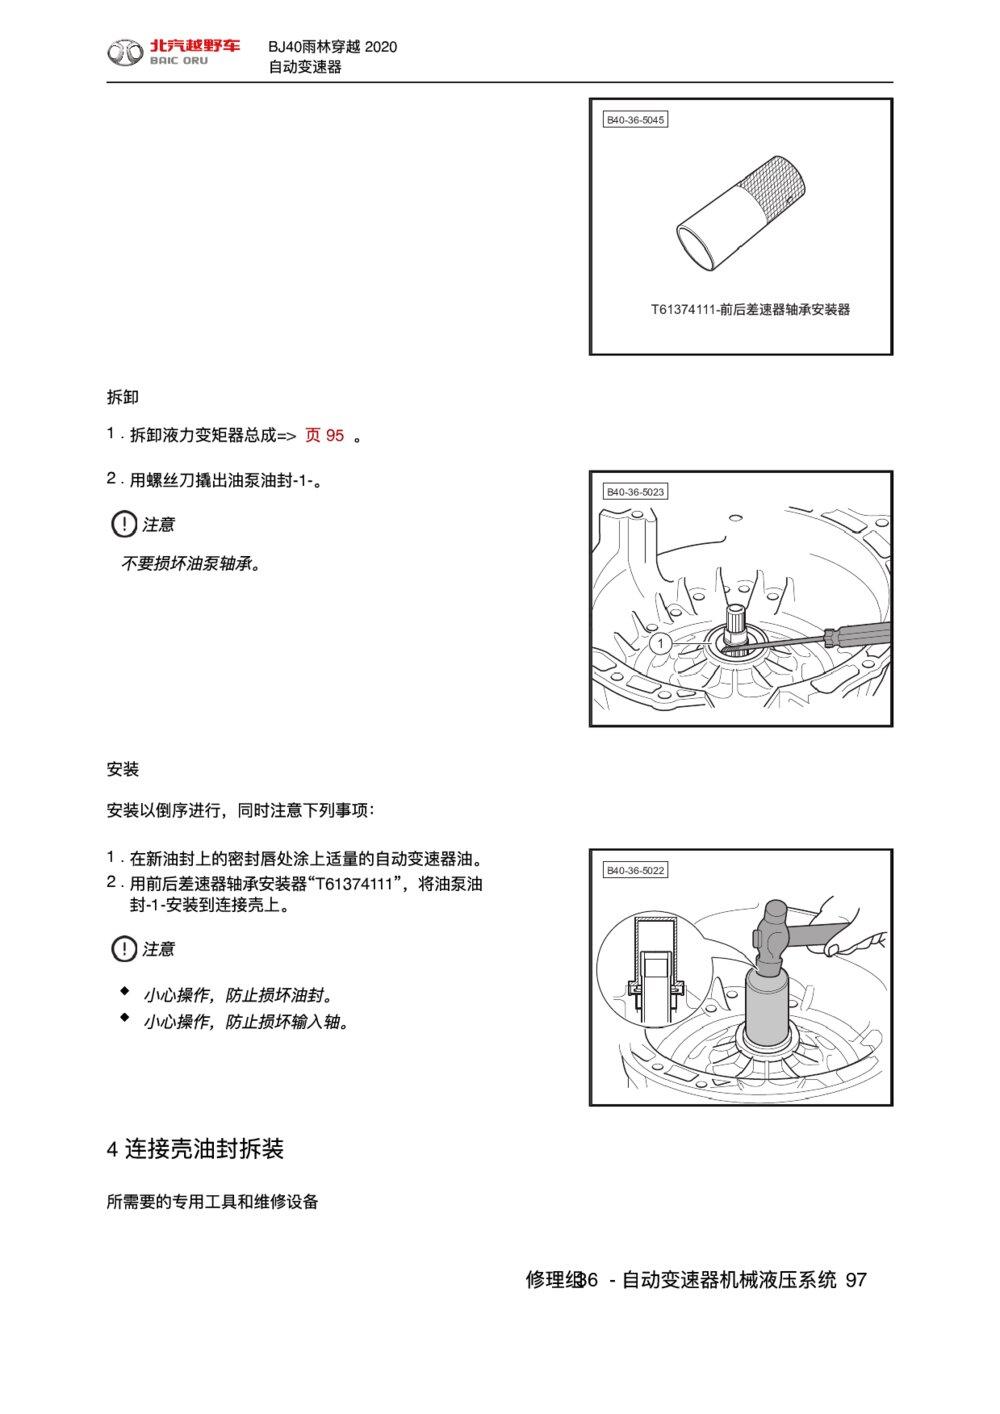 2020款北京BJ40雨林穿越版连接壳油封拆装